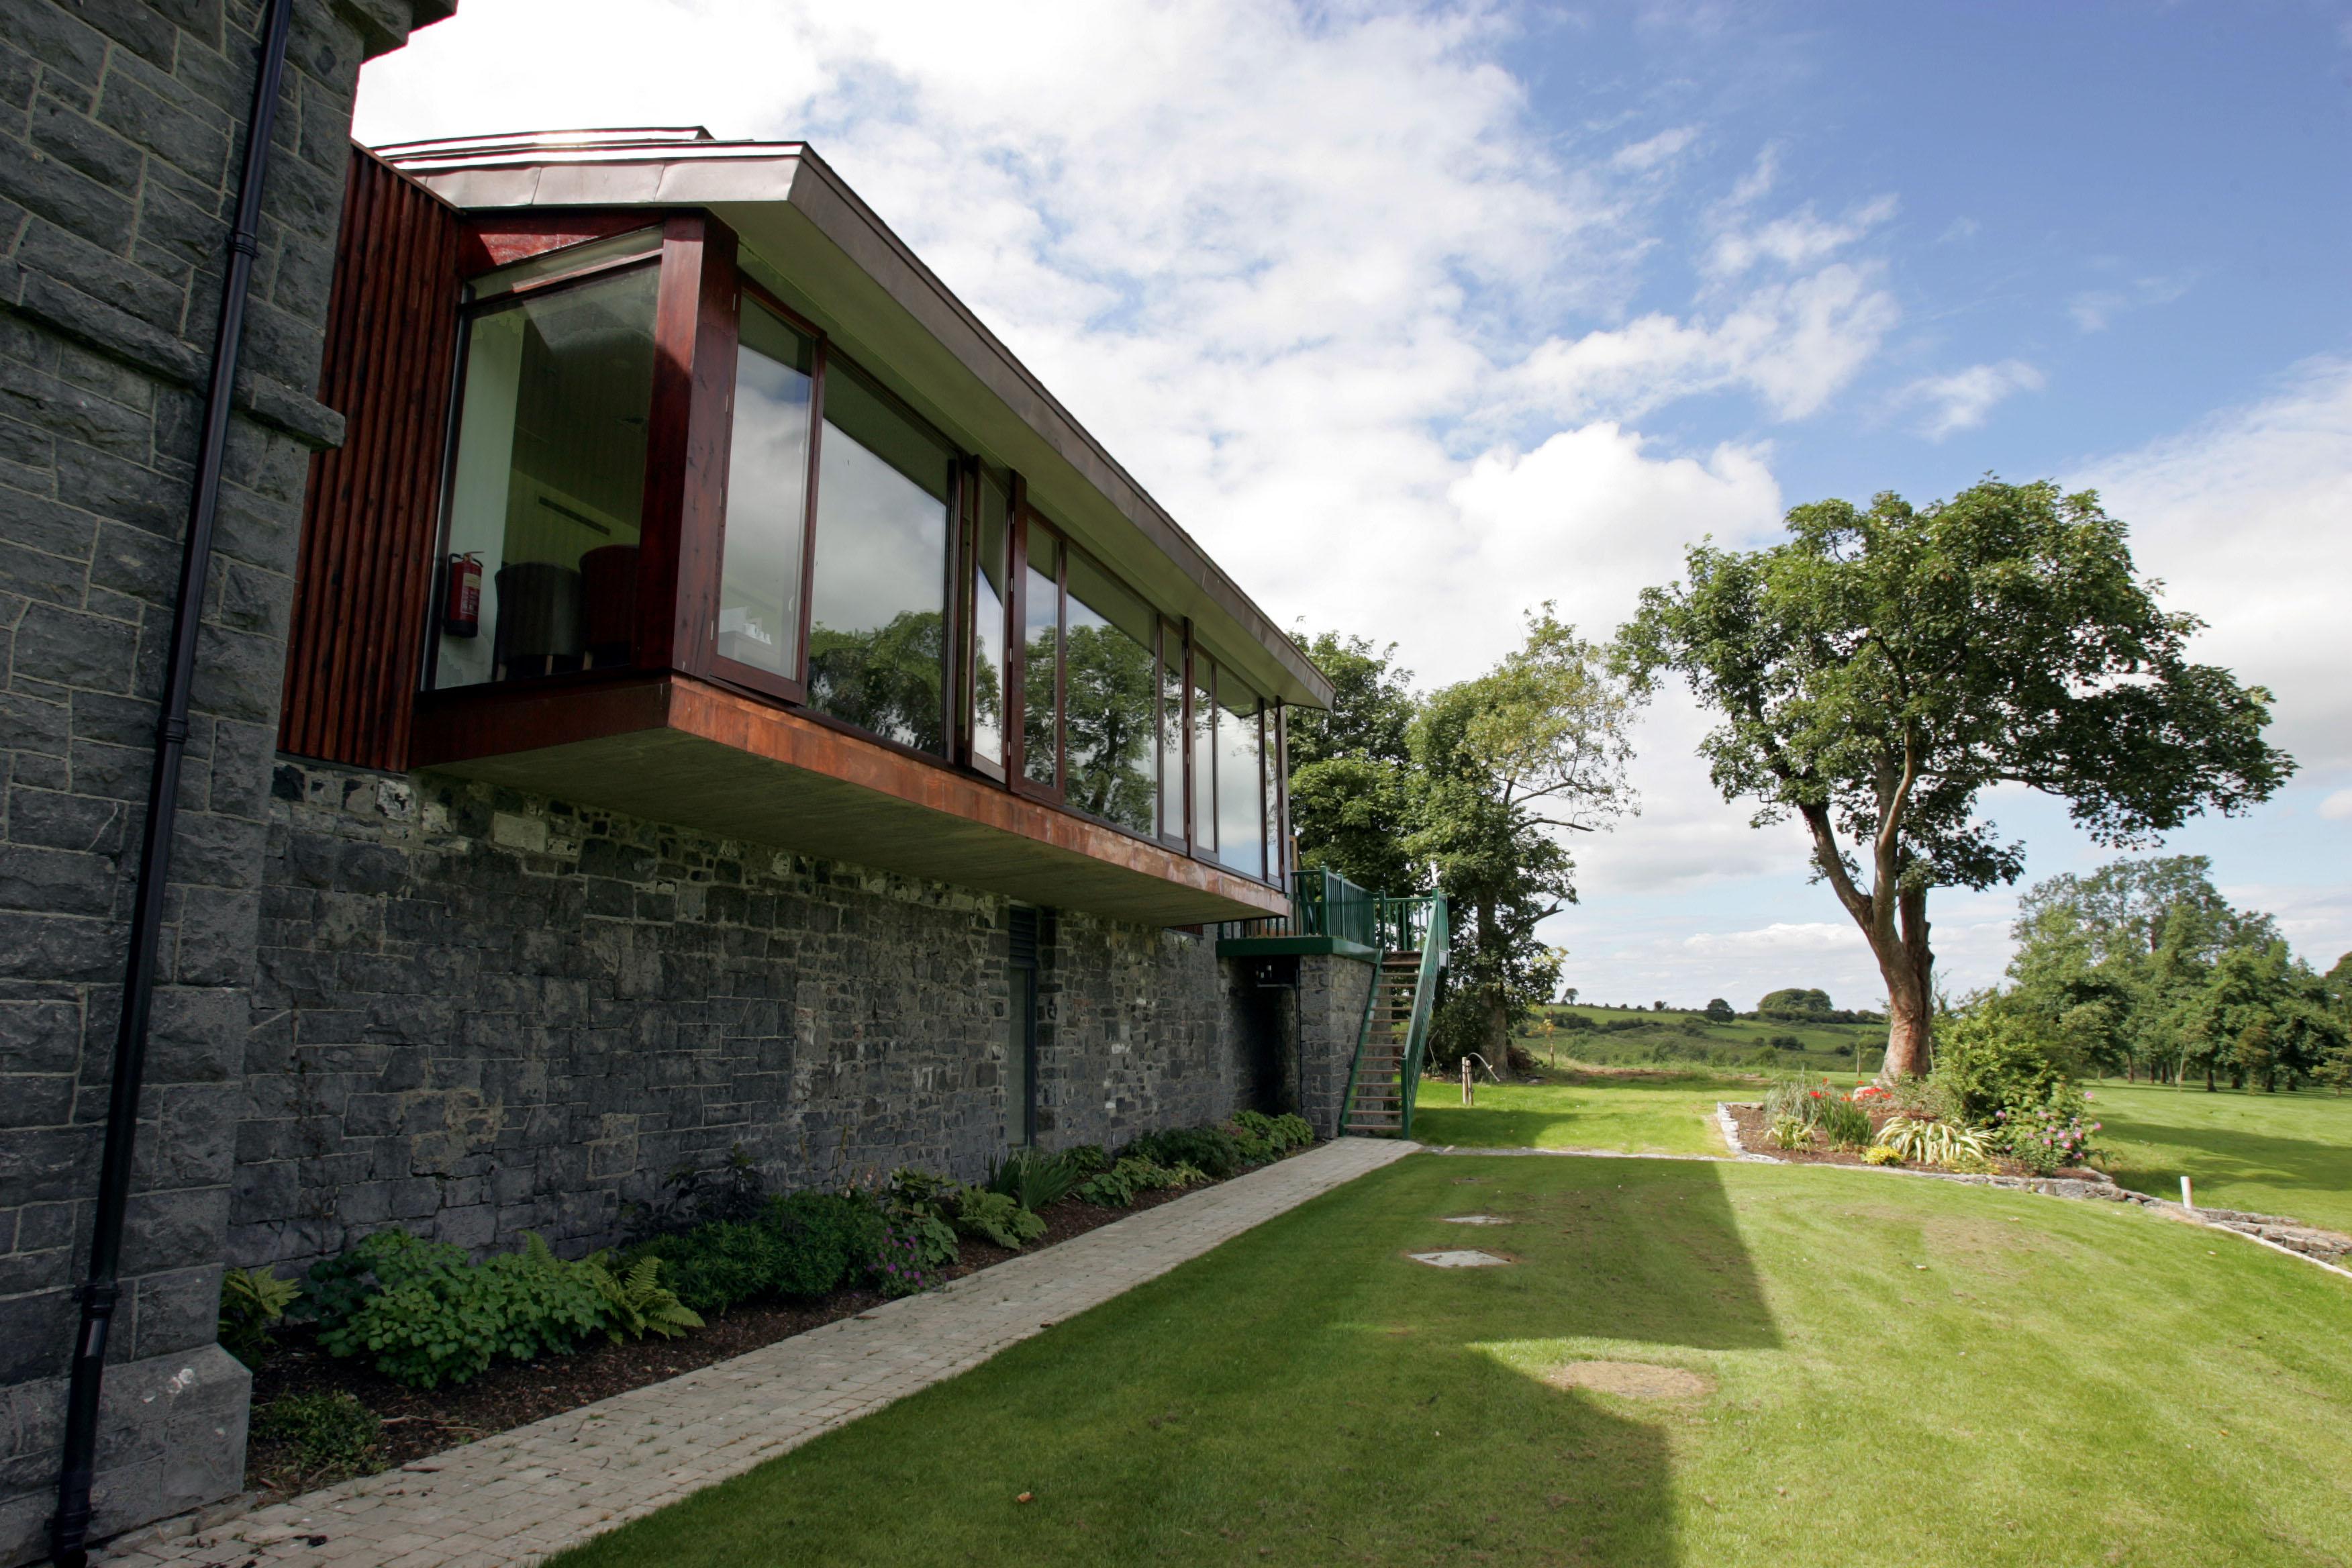 NCW Golf Club Rathgonan 01